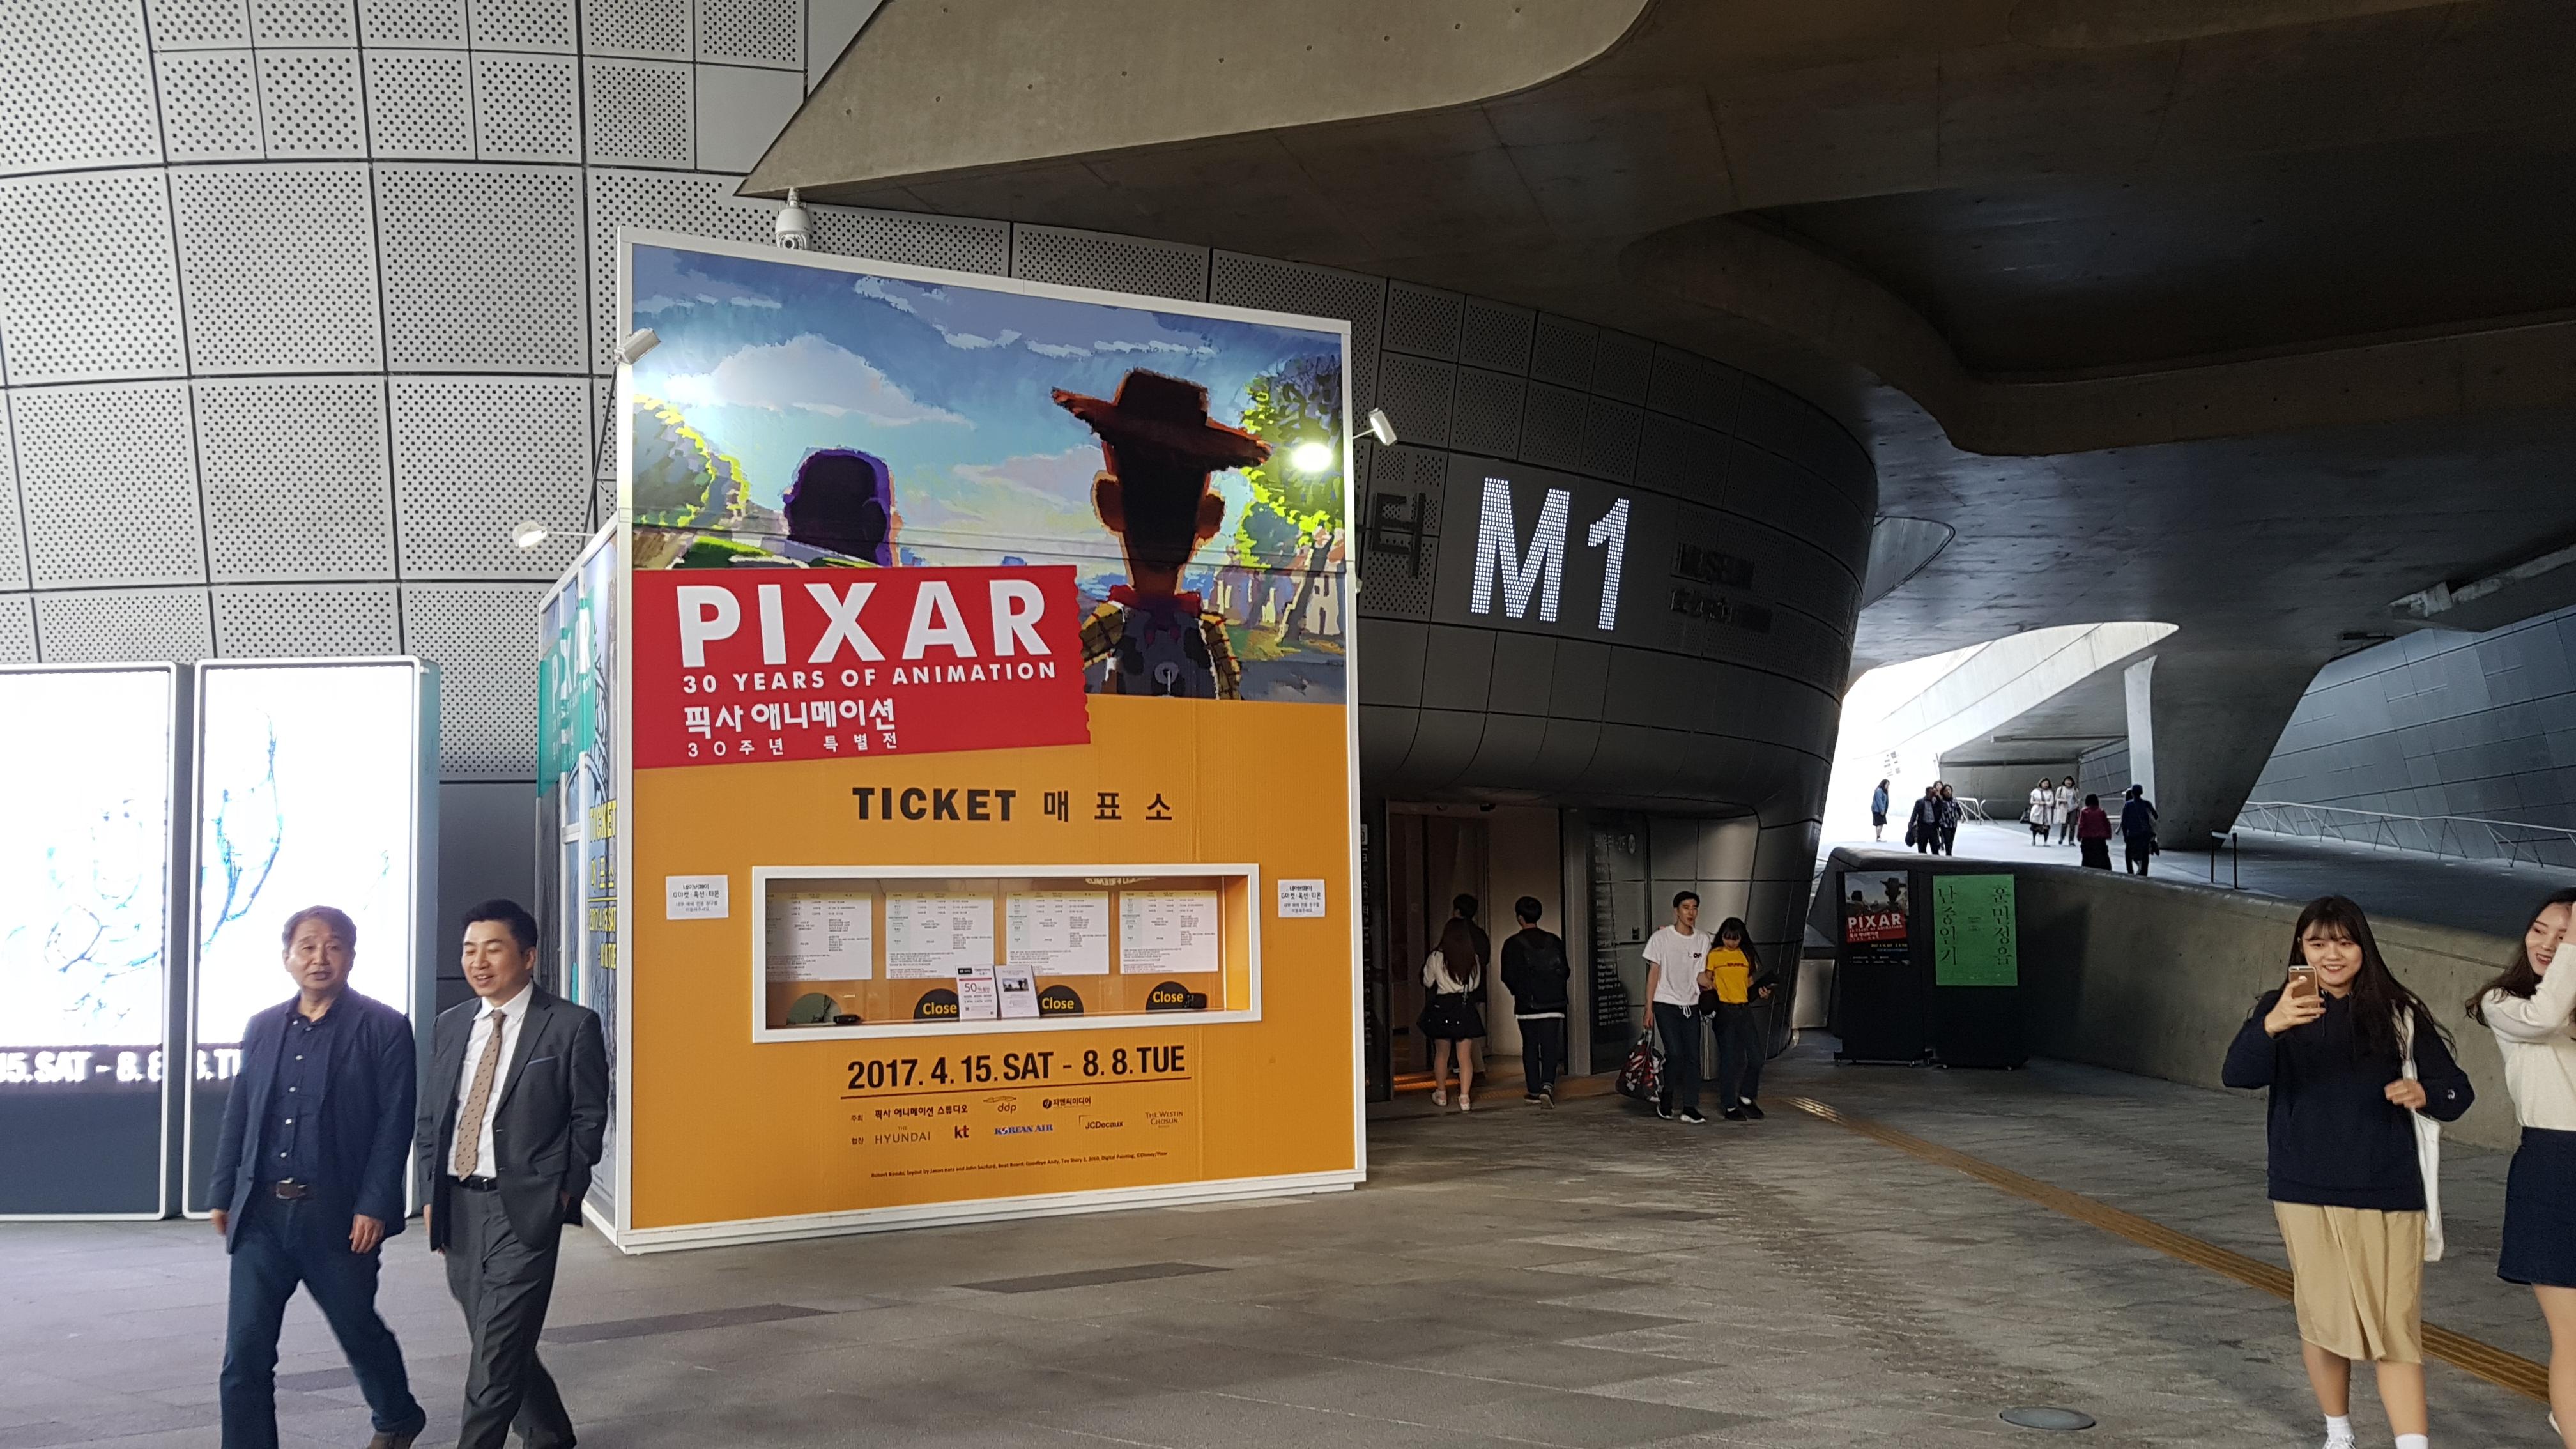 30주년 기념, DDP, DreamWorks, Pixar, pixar 전, [전시회] PIXAR 전 다녀왔습니당., 귀여움 거품, 김스타, 동대문 역사 문화공원, 드림 웍스, 라이언, 몬스터 주식회사, 버즈, 버즈 라이트이어, 새로운 경험, 스케치, 슬픔이, 어른이, 우디, 우울한 기운, 인사이드 아웃, 전시회, 카카오 스토어, 큐레이팅, 큰린이, 토이스 토리, 티켓, 픽사전, 후기